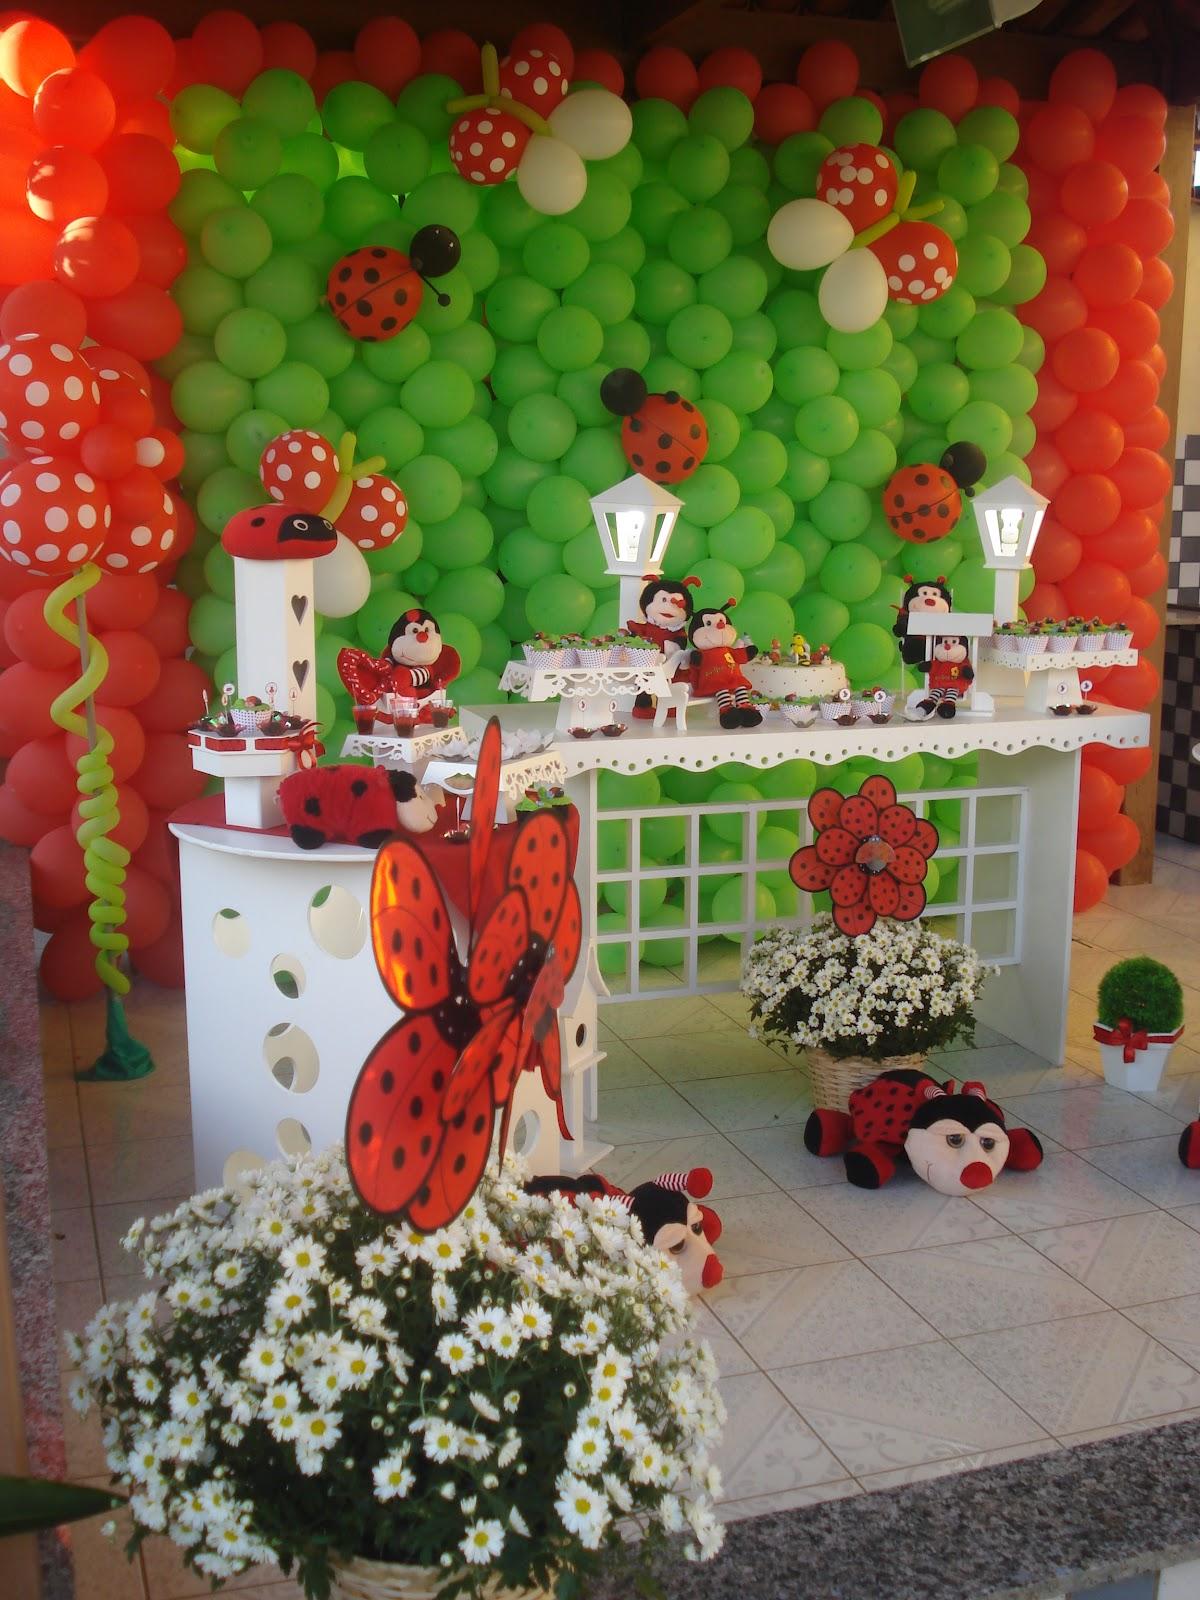 decoracao de festa infantil jardim das joaninhas:PINK & BLUE FESTAS: TEMA: Joaninha